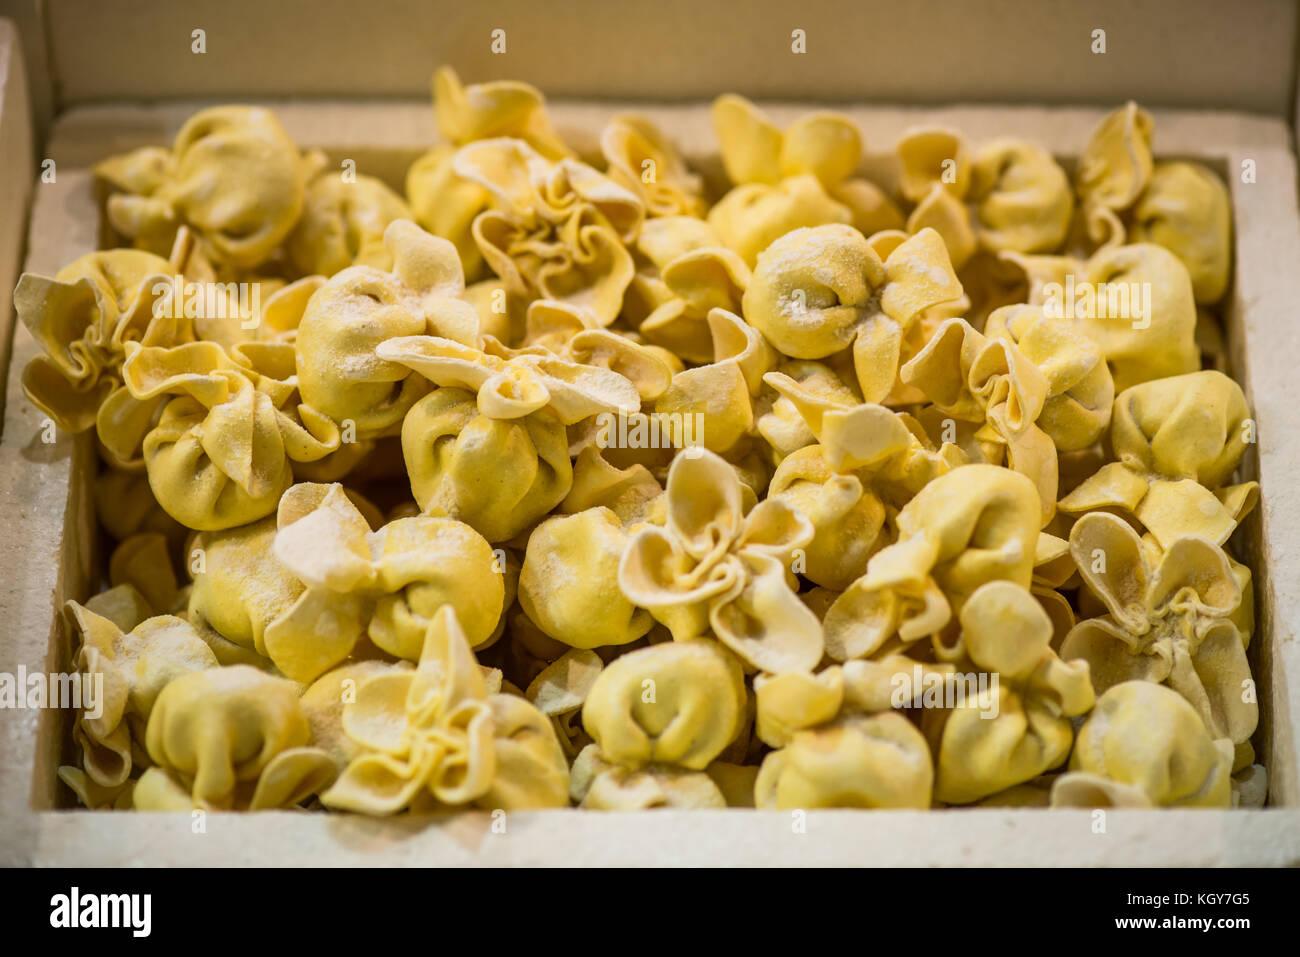 Italienische gefroren ravioli Pasta - zubereitete Speisen Zutaten Stockbild